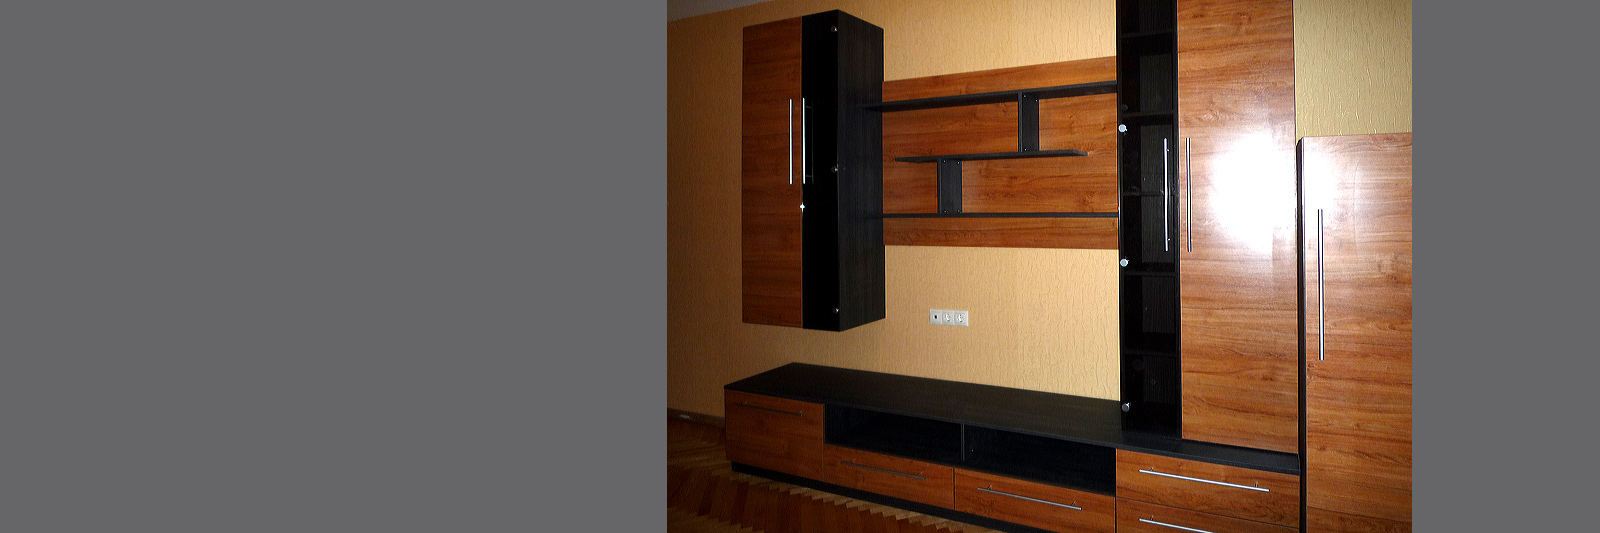 Современные мебельные стенки на заказ